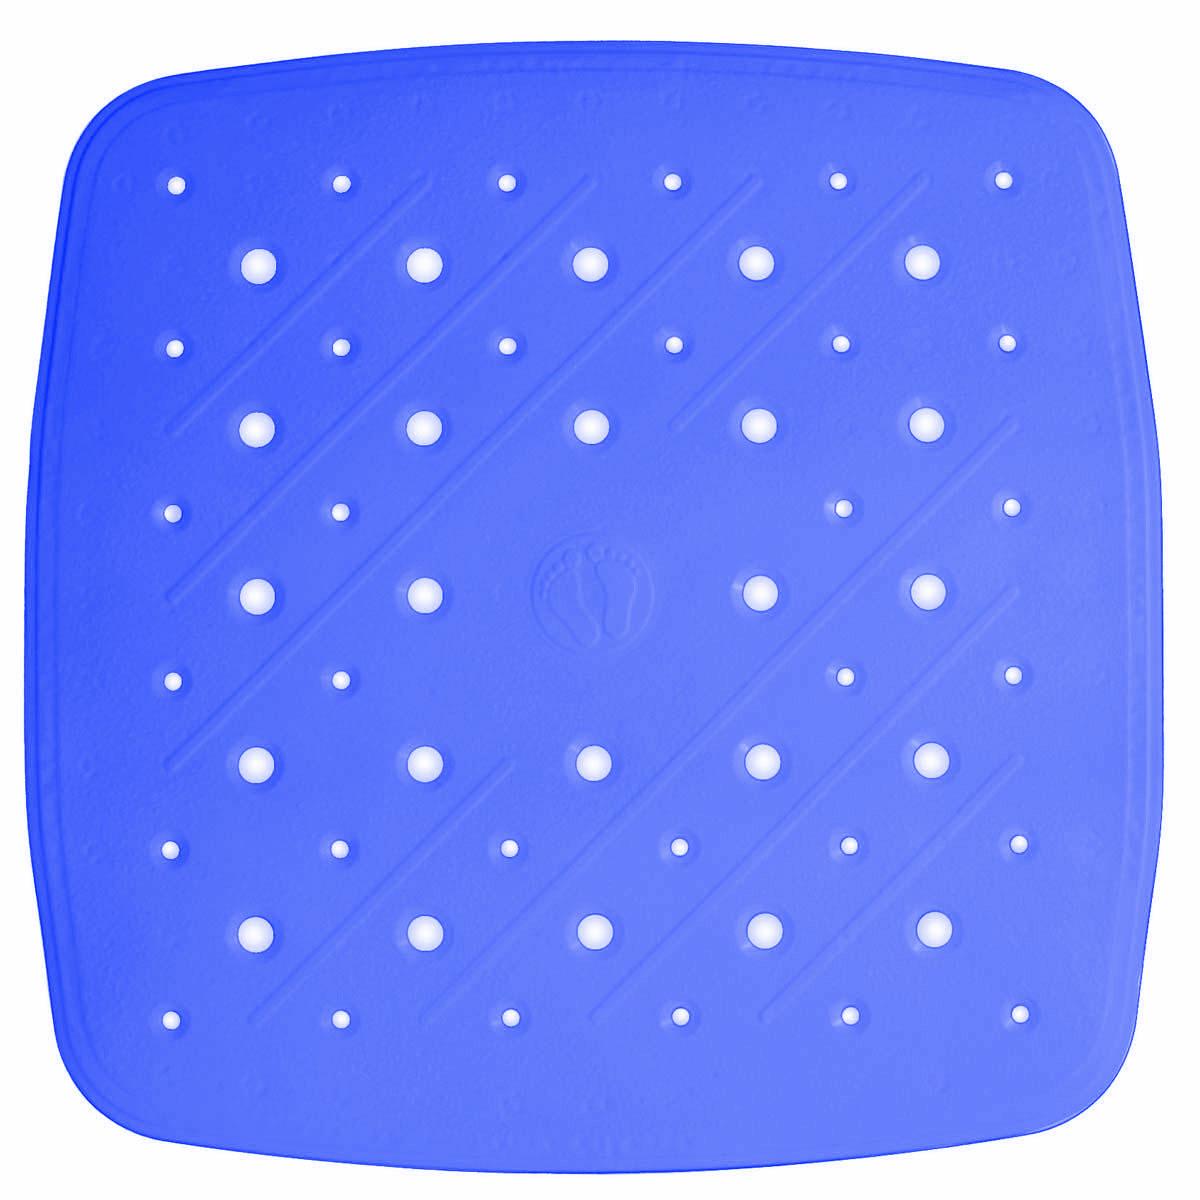 Коврик для ванной Ridder Promo, противоскользящий, на присосках, цвет: синий, 51 х 51 см167913Высококачественный немецкий коврик Ridder Promo создан для вашегоудобства. Состав и свойства противоскользящего коврика:- синтетический каучук и ПВХ с защитой от плесени и грибка;- имеются присоски для крепления.Безопасность изделия соответствует стандартам LGA (Германия).